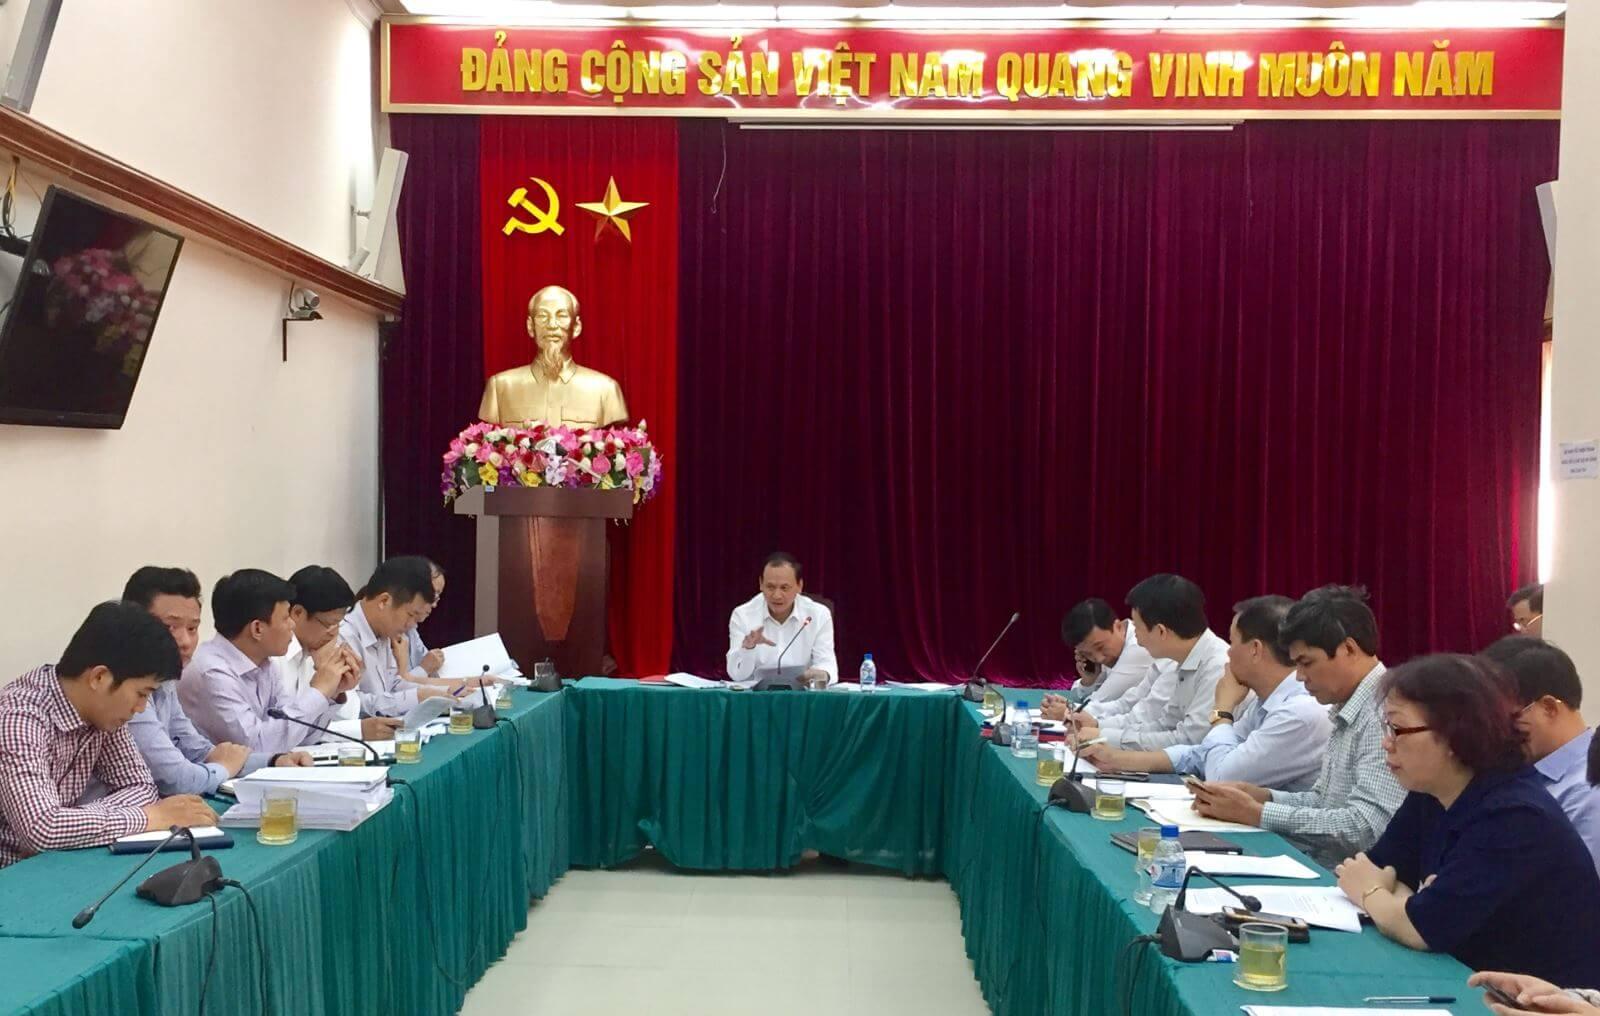 Cuối tháng 12/2016 phải hoàn thiện thủ tục cao tốc Trung Lương – Mỹ Thuận